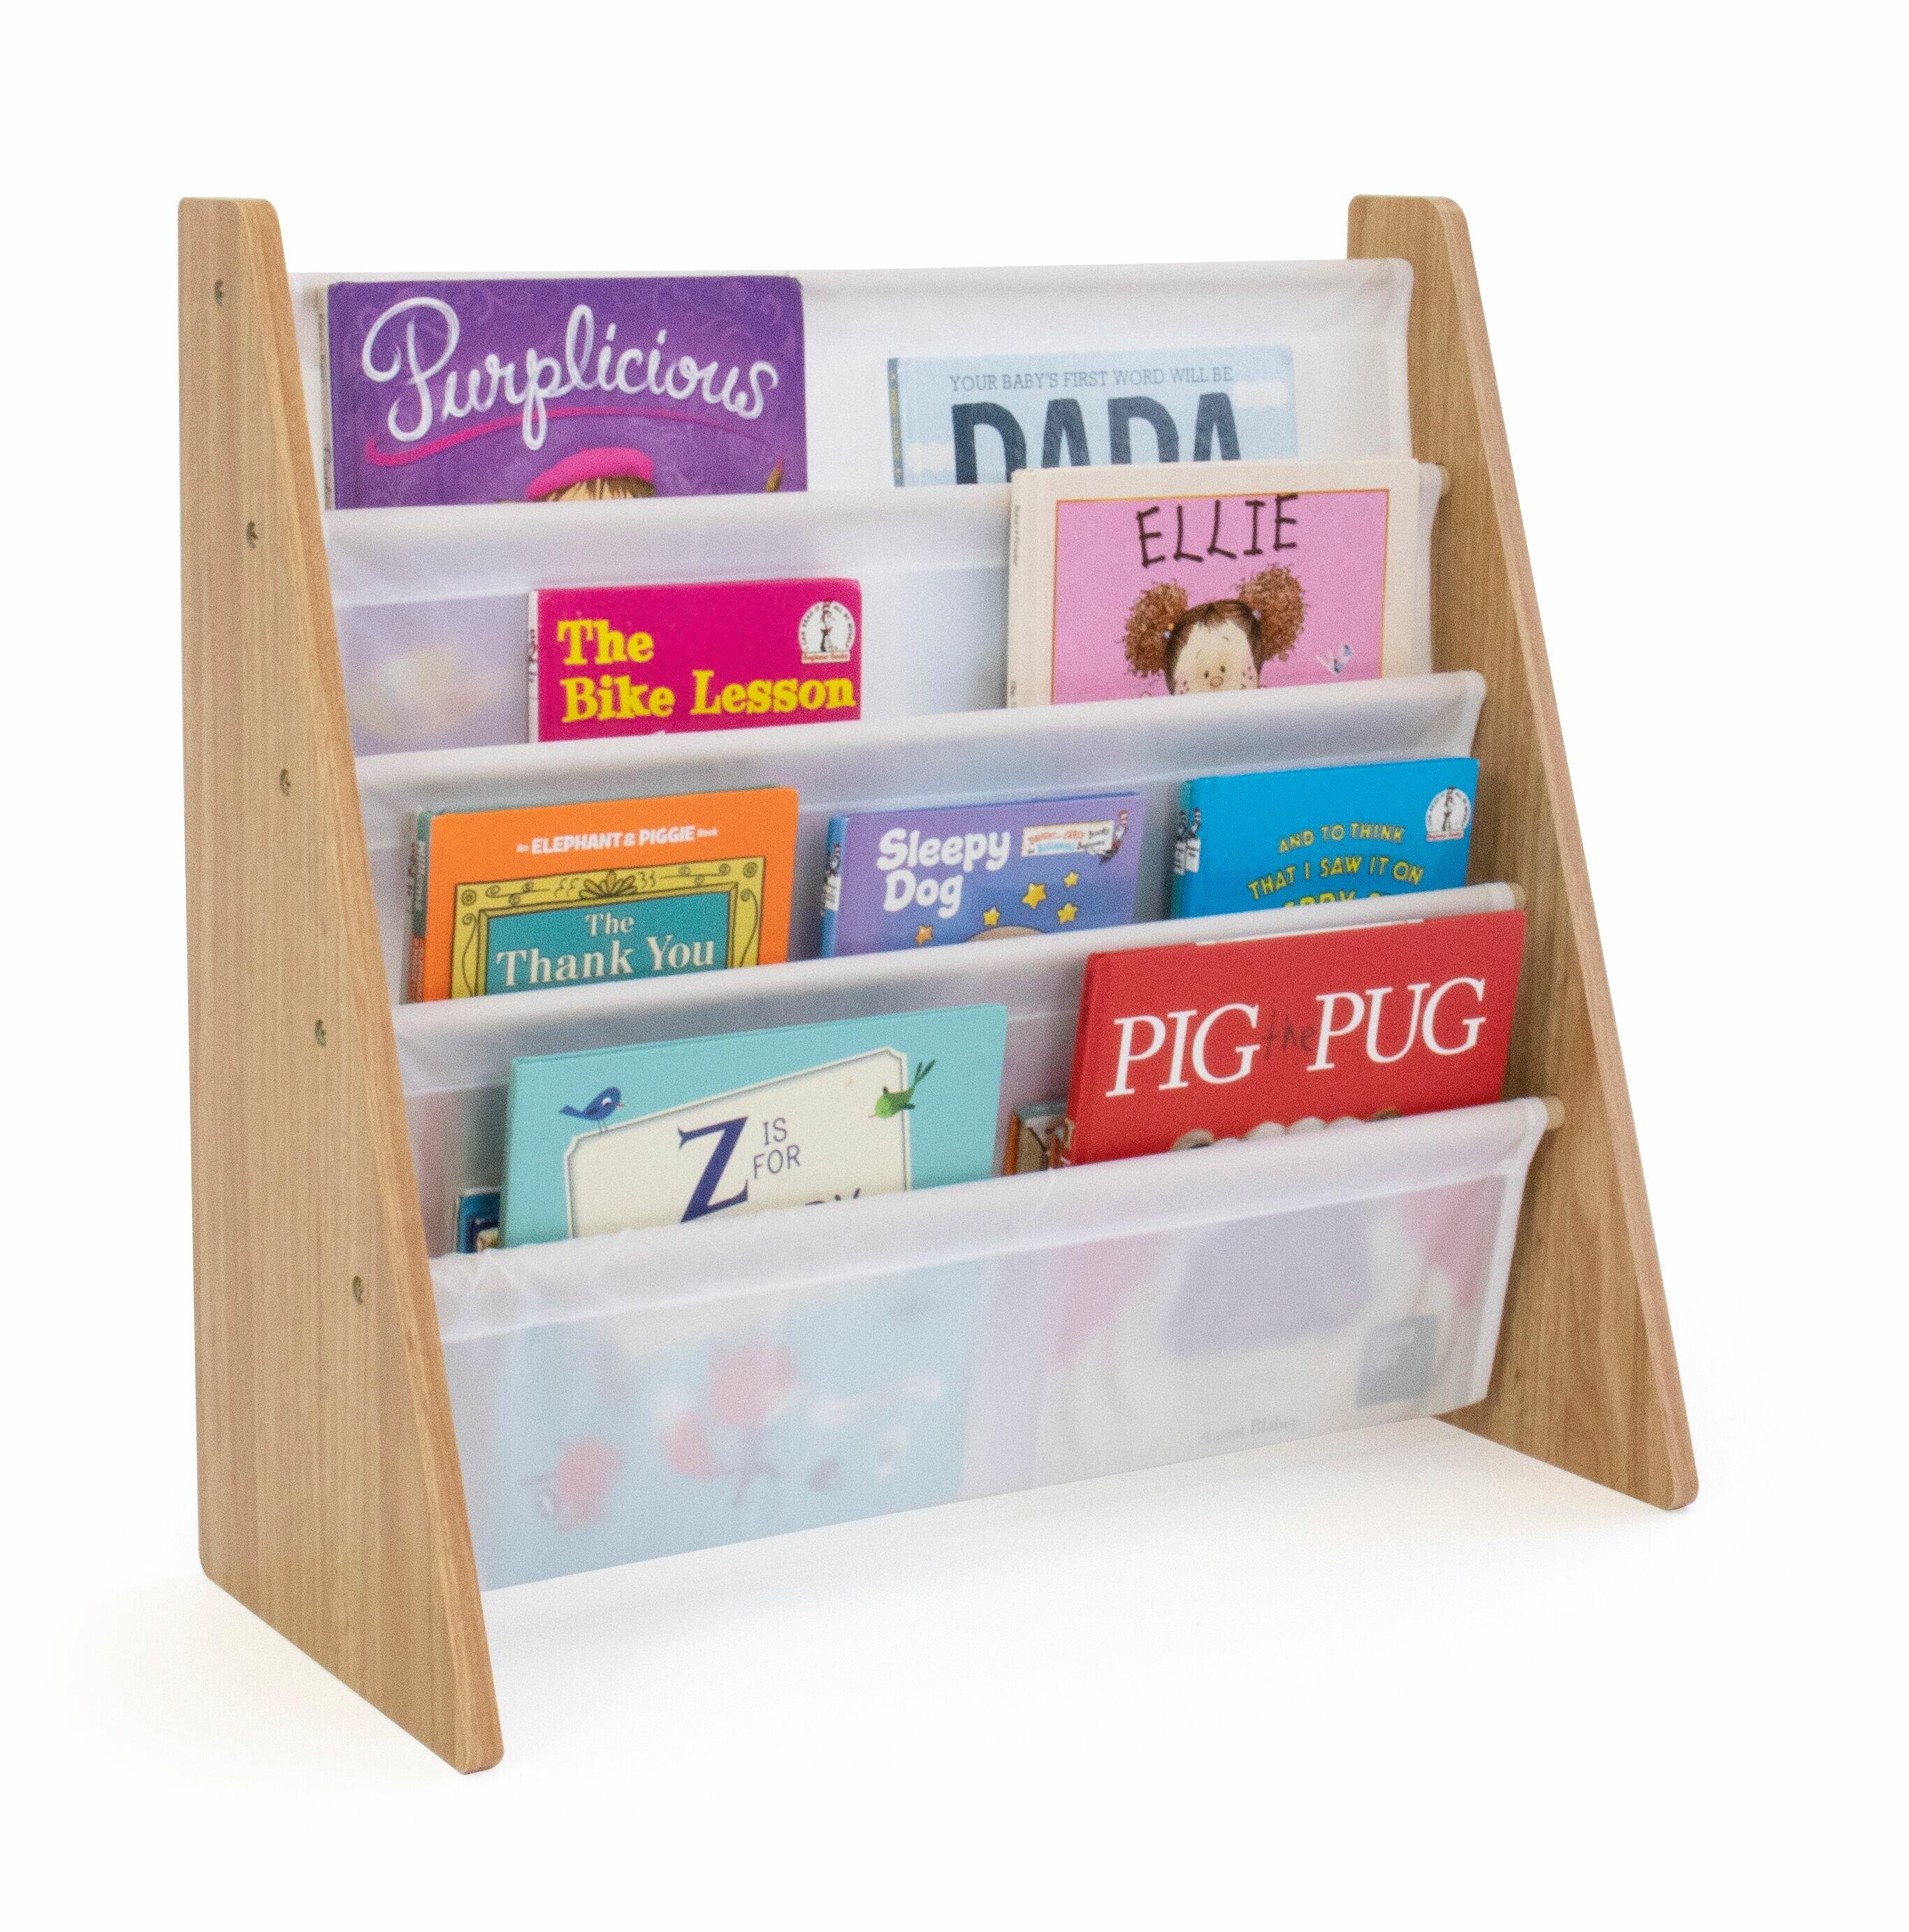 Zoomie Kids Hoeft 24 Book Display U0026 Reviews | Wayfair